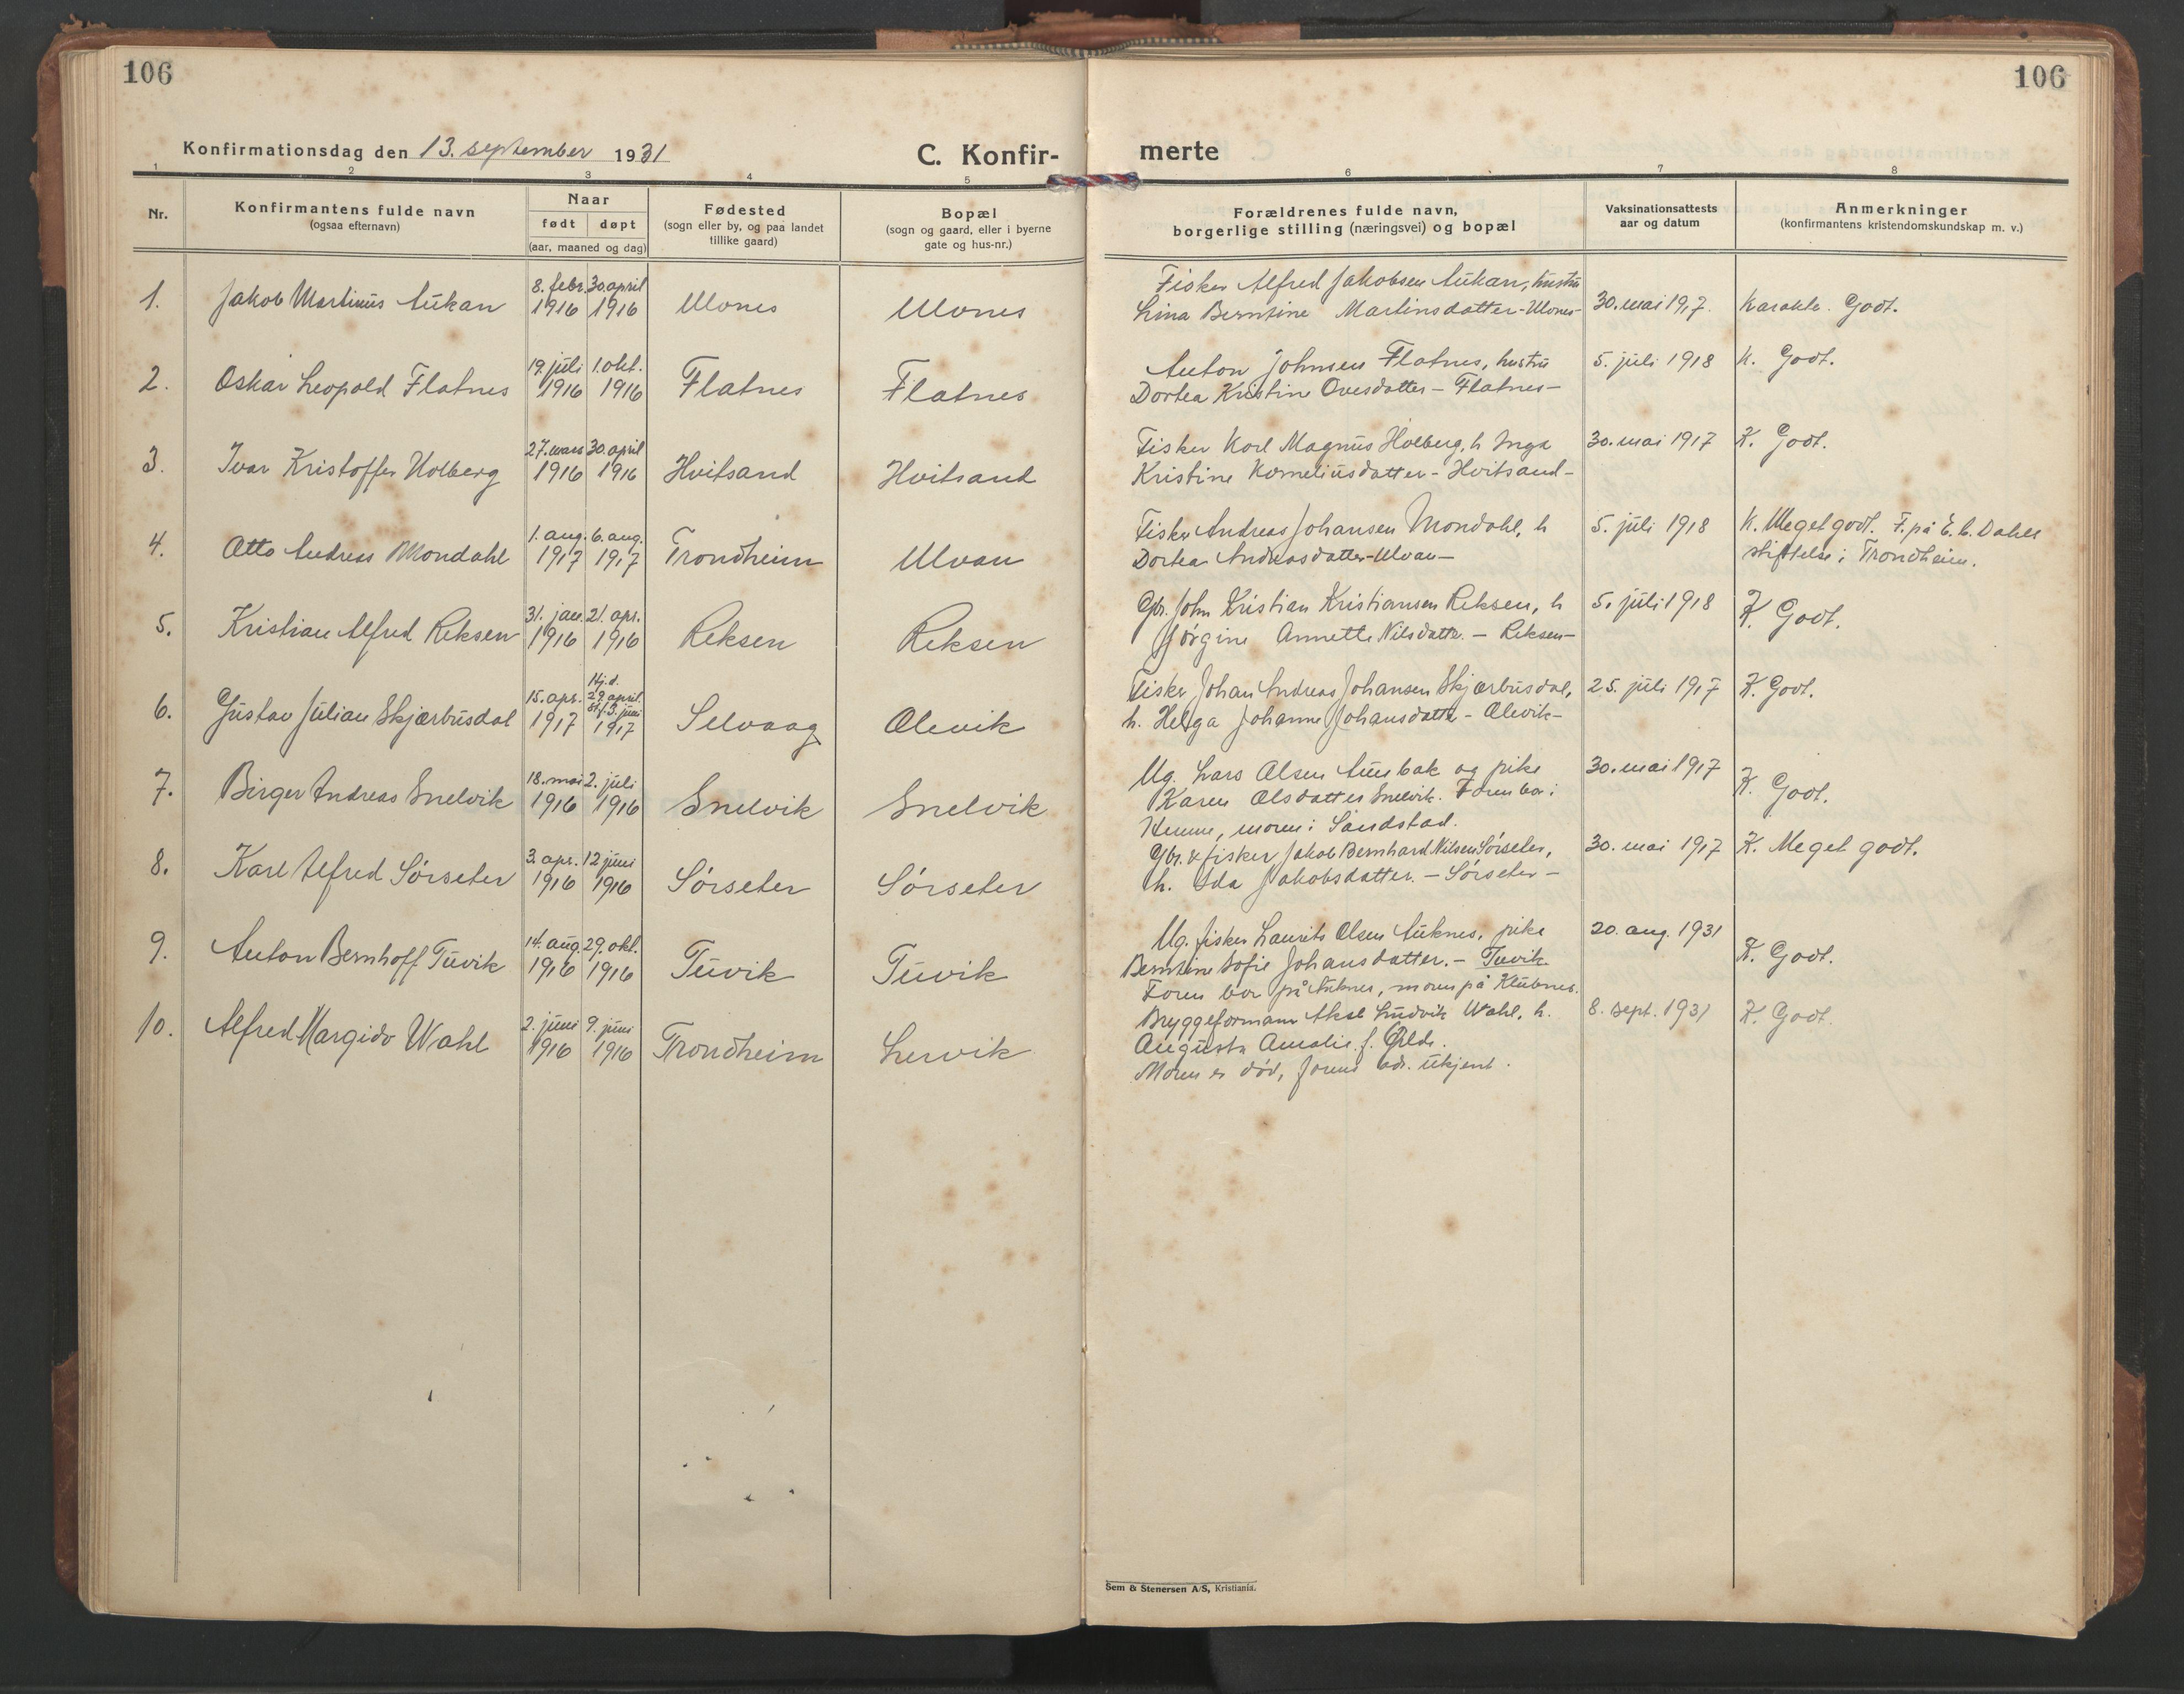 SAT, Ministerialprotokoller, klokkerbøker og fødselsregistre - Sør-Trøndelag, 638/L0569: Klokkerbok nr. 638C01, 1923-1961, s. 106